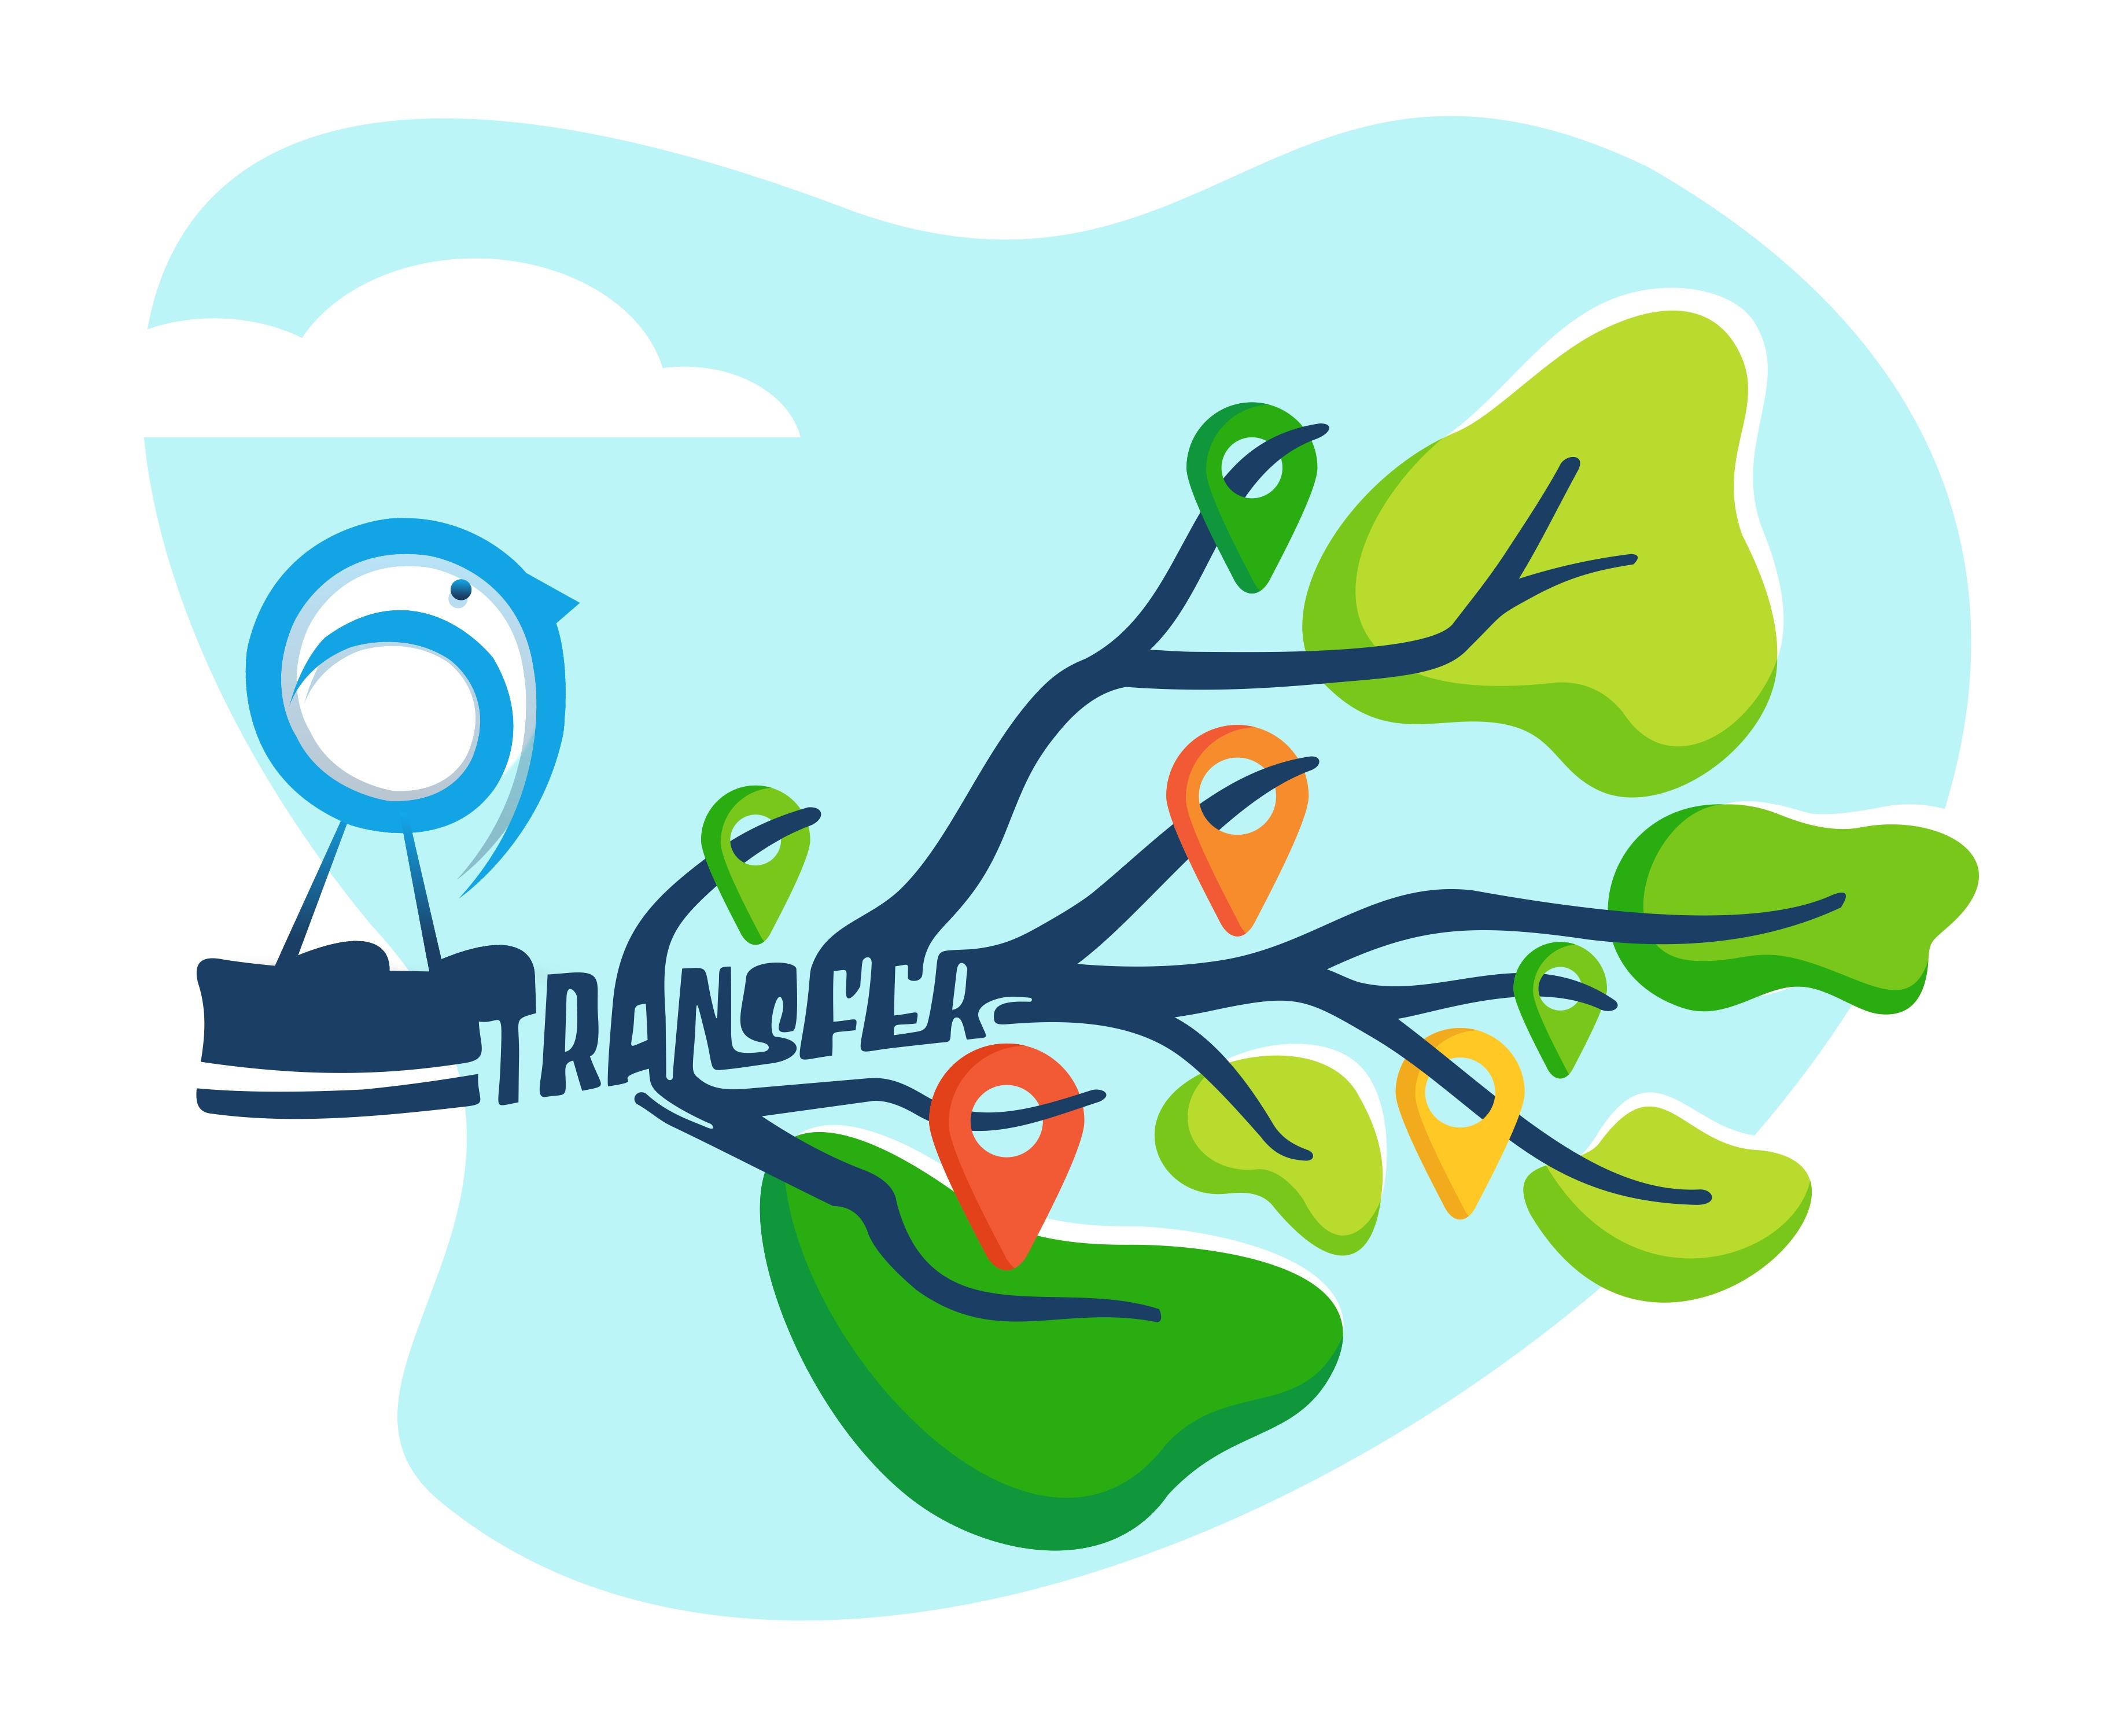 ScribTransfer illustration